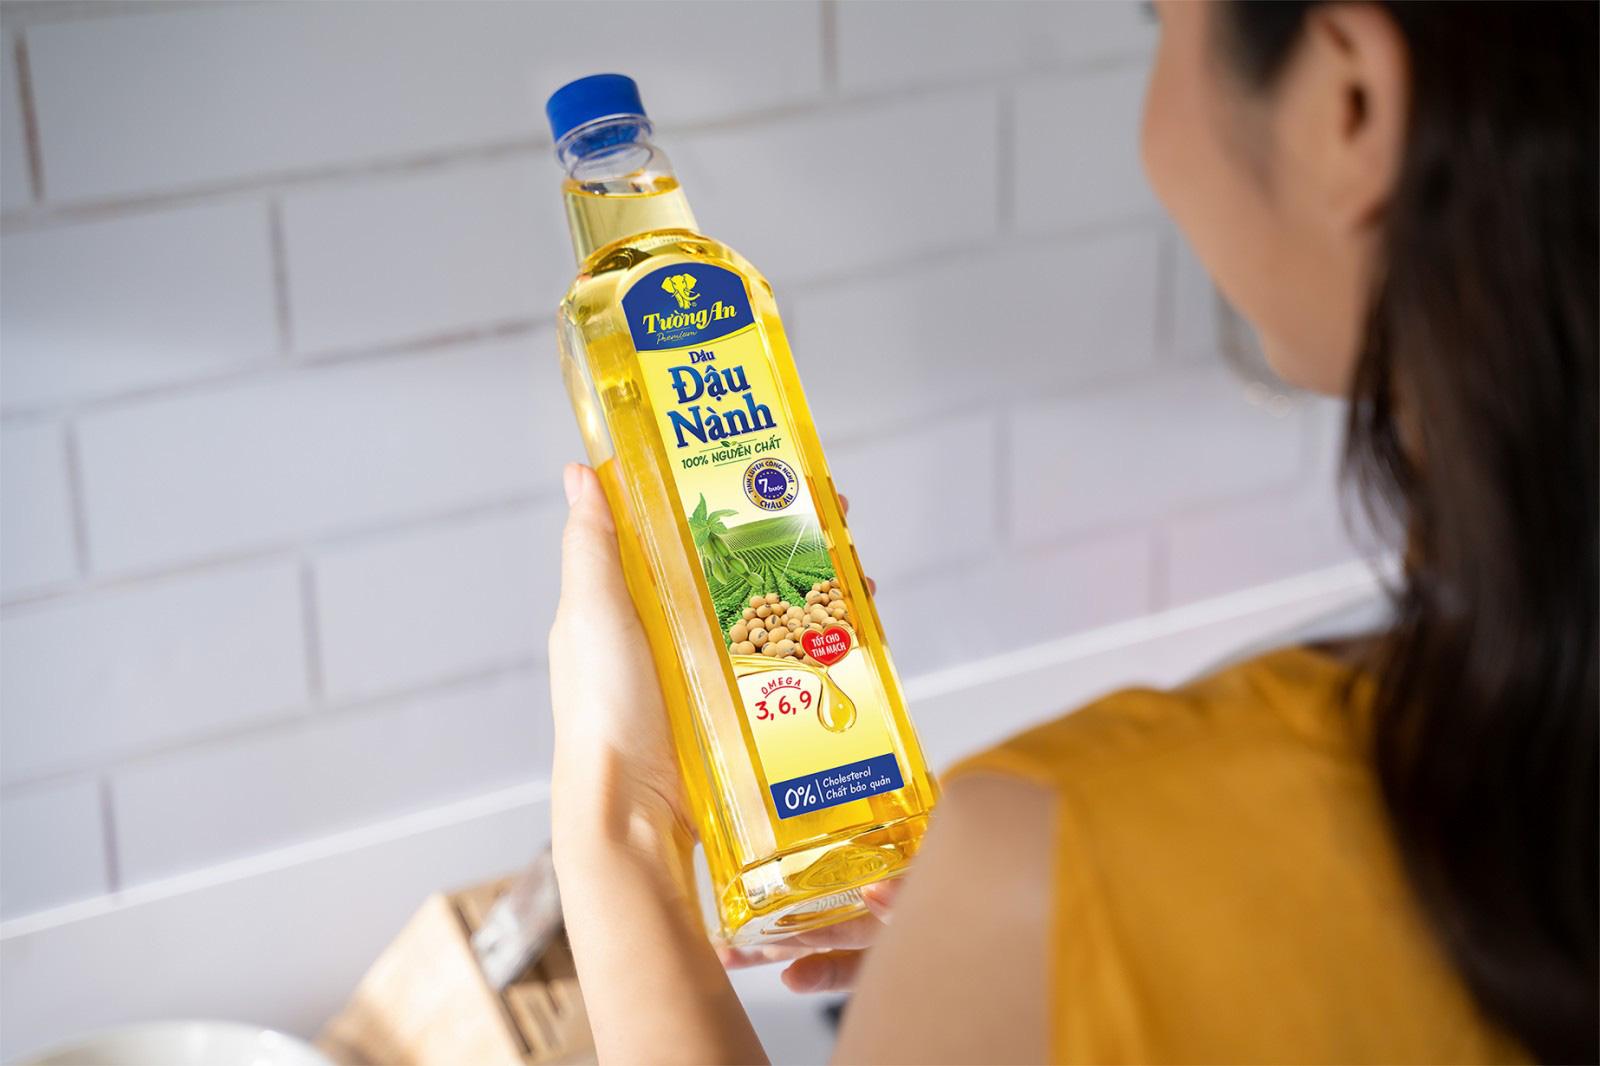 """Hana Giang Anh: """"Tại sao chúng ta nên chọn dầu ăn tốt?"""" - Ảnh 4."""